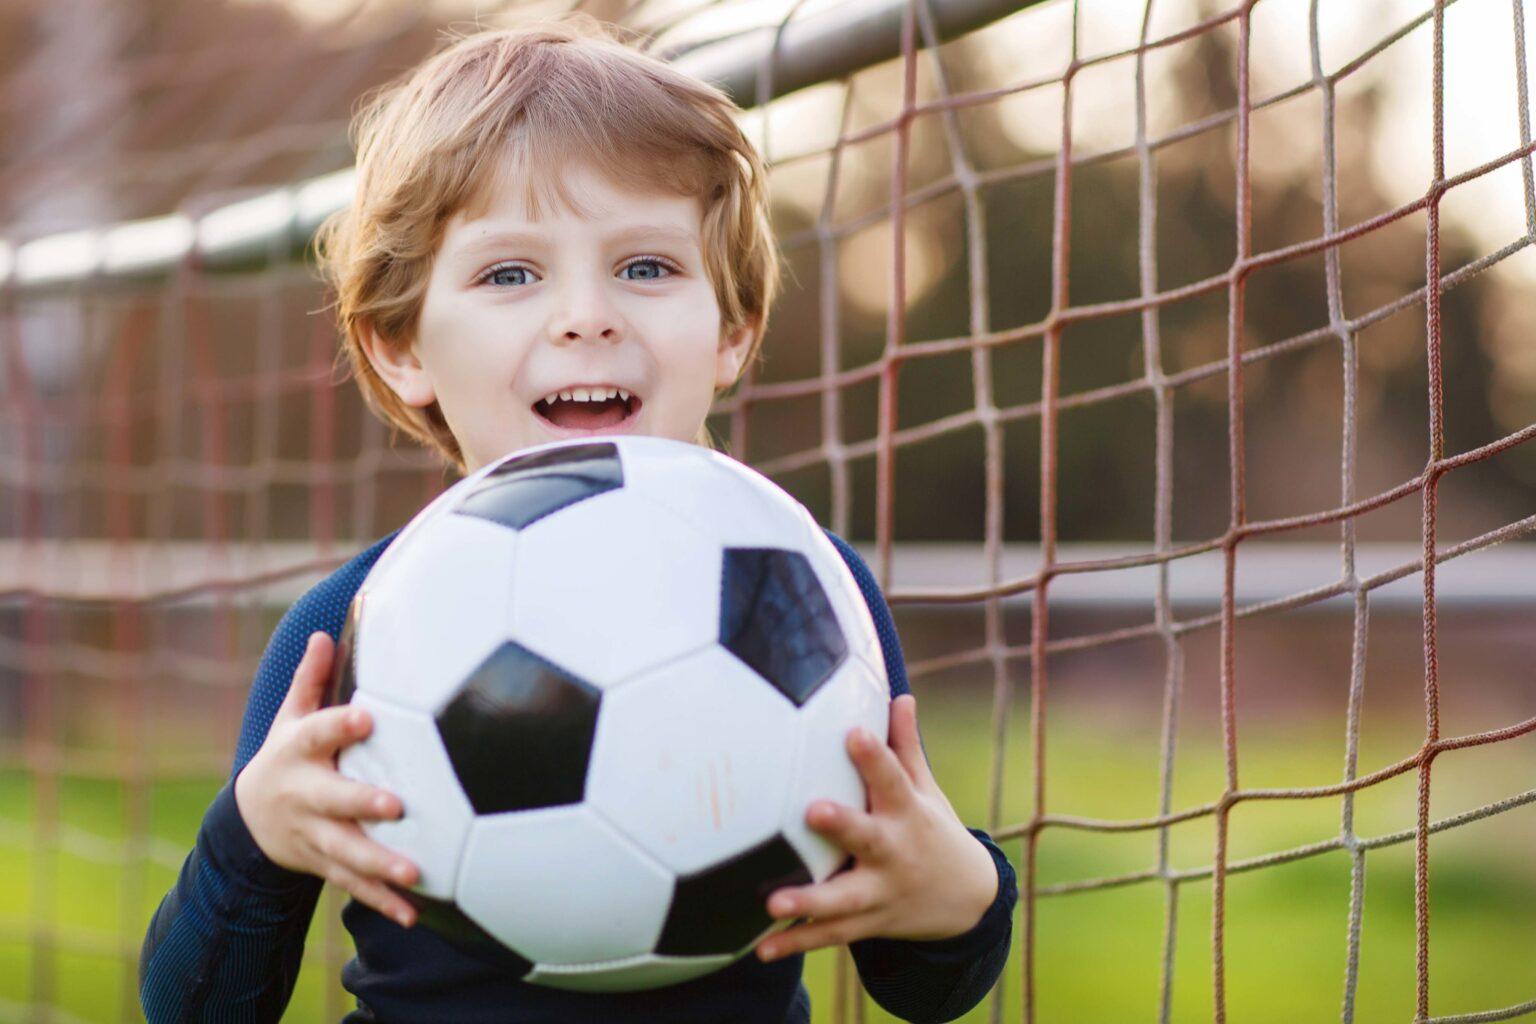 Жителей Твери приглашают на единый день записи в спортивные школы